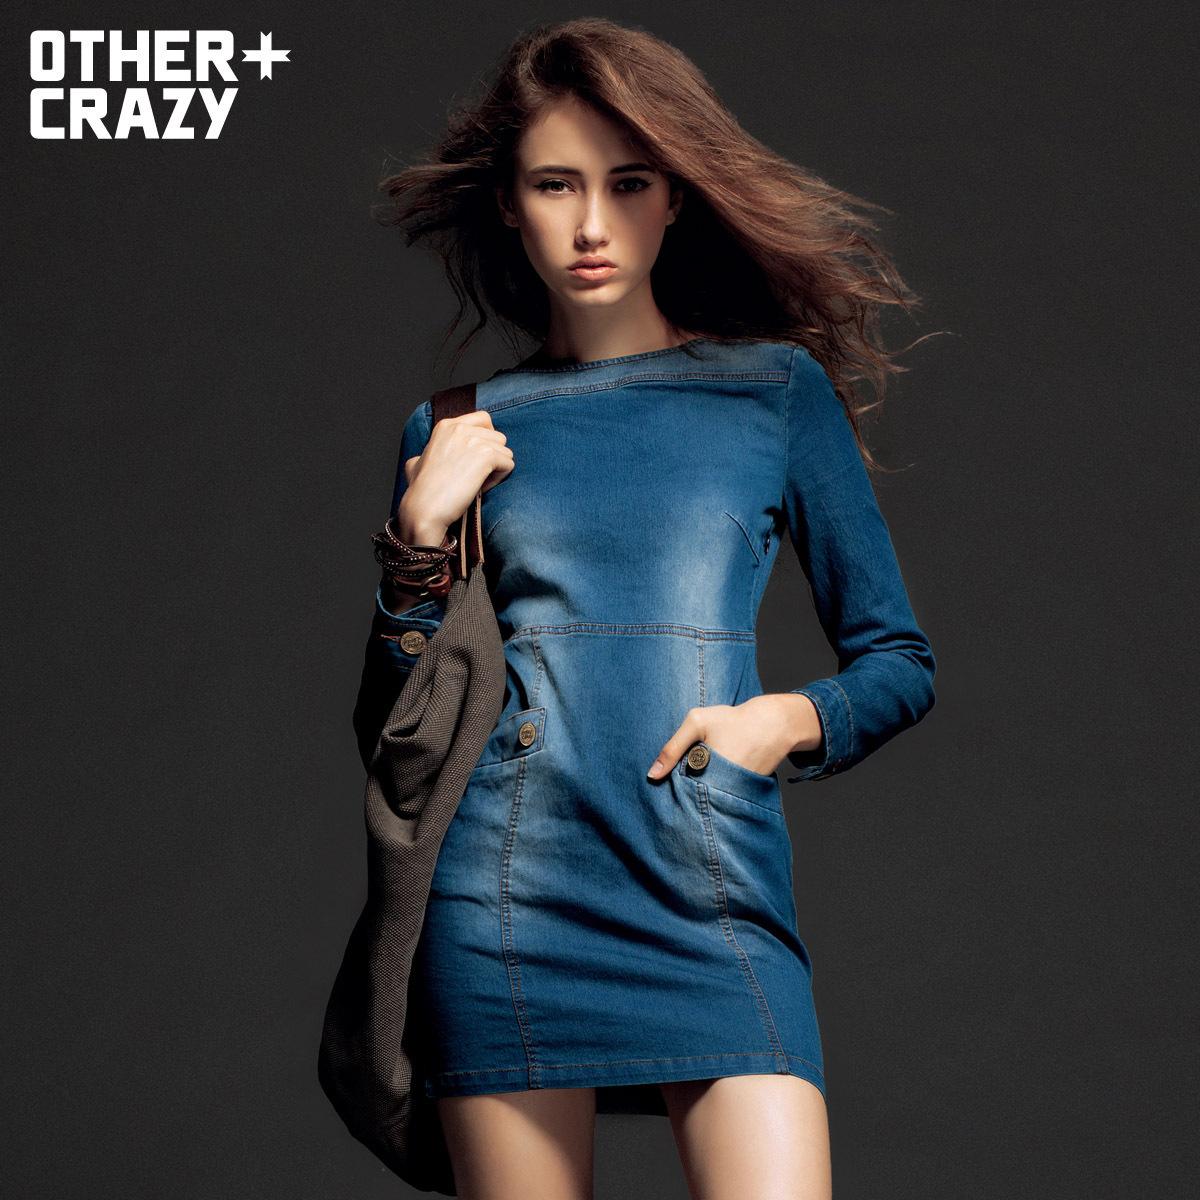 Женское платье Othercrazy 12cr093003f Осень 2012 Разные